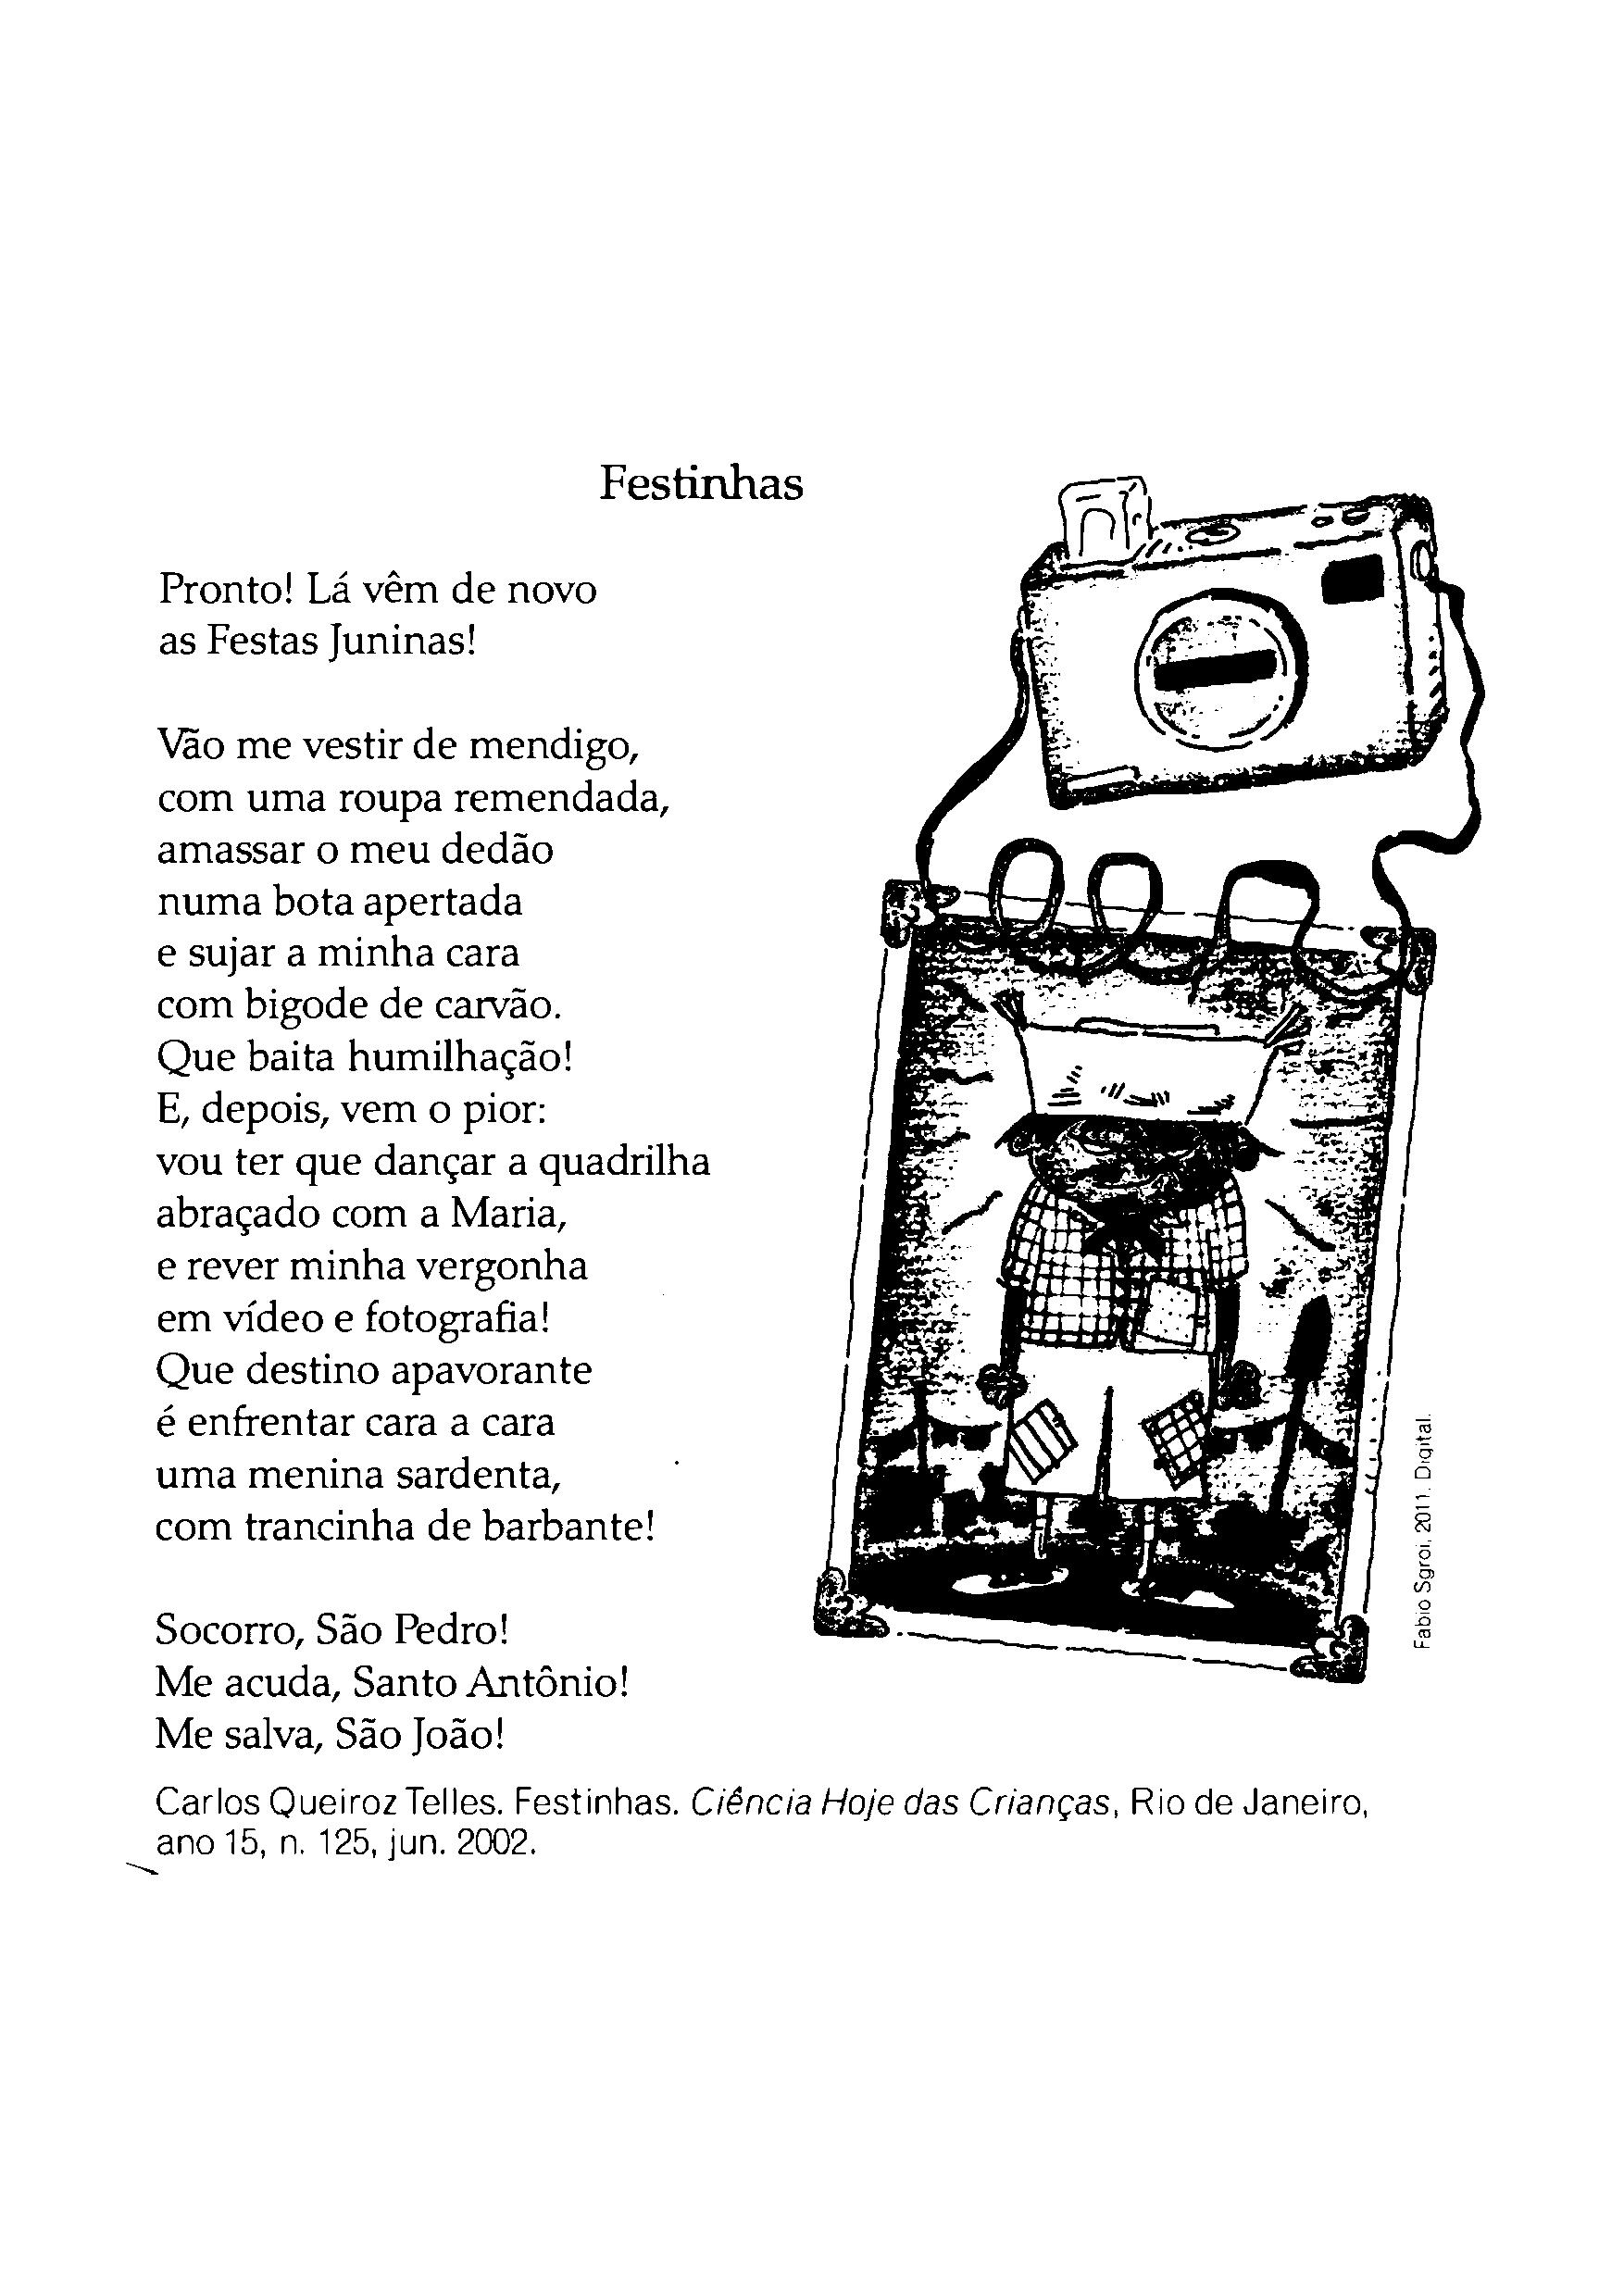 Texto sobre Festa Junina - Festinhas